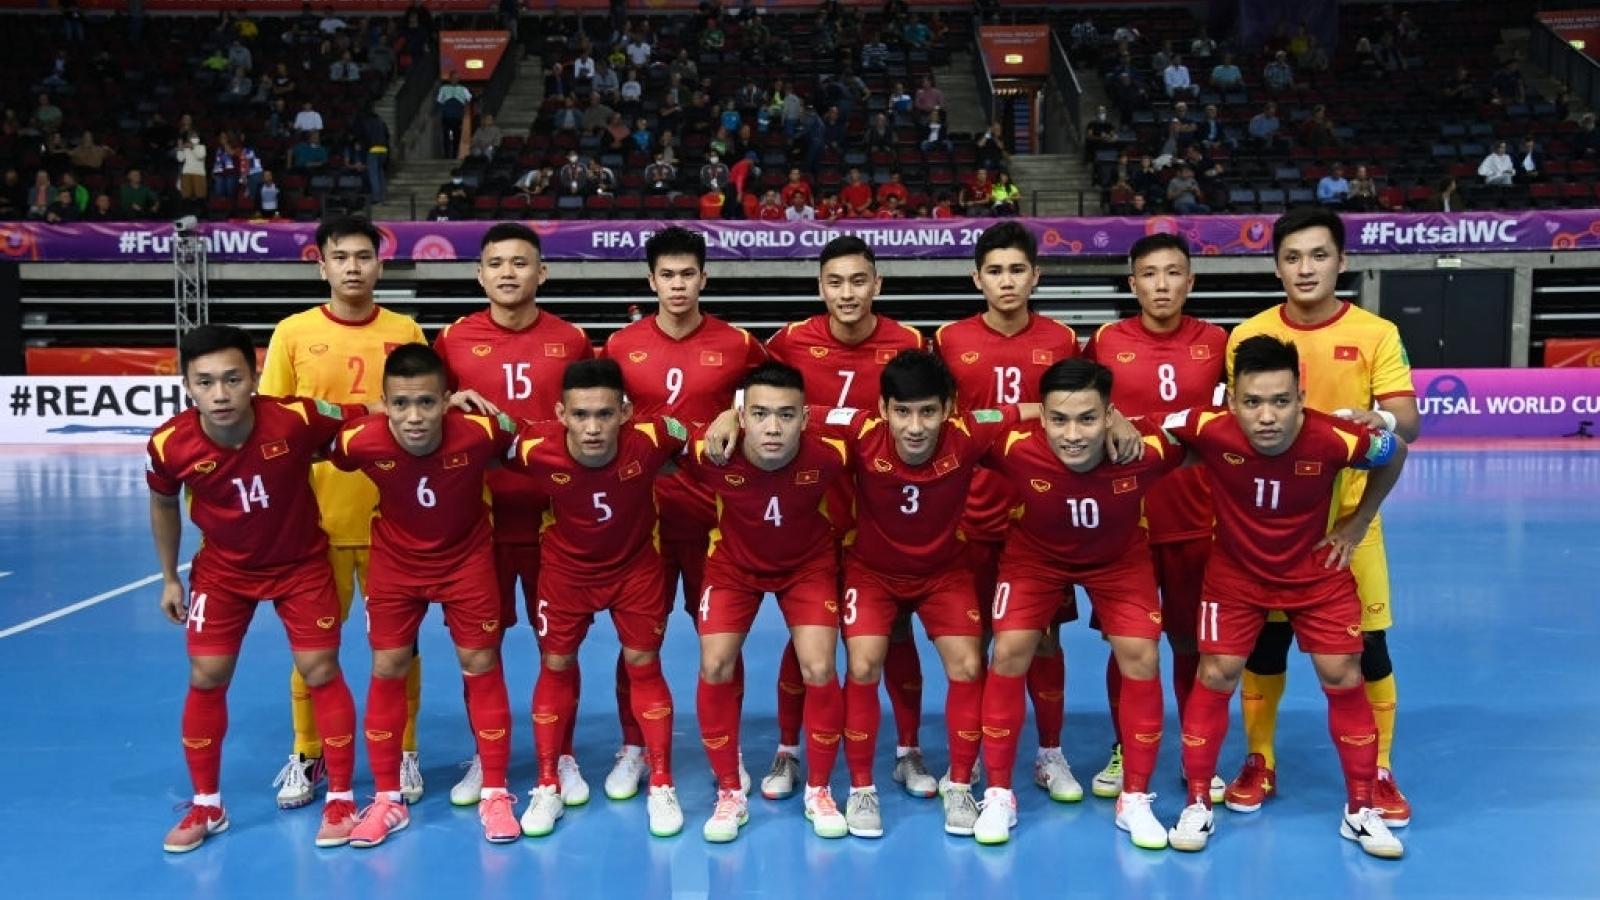 Trực tiếp ĐT Futsal Việt Nam - ĐT Futsal Panama: Tin vào chiến thắng